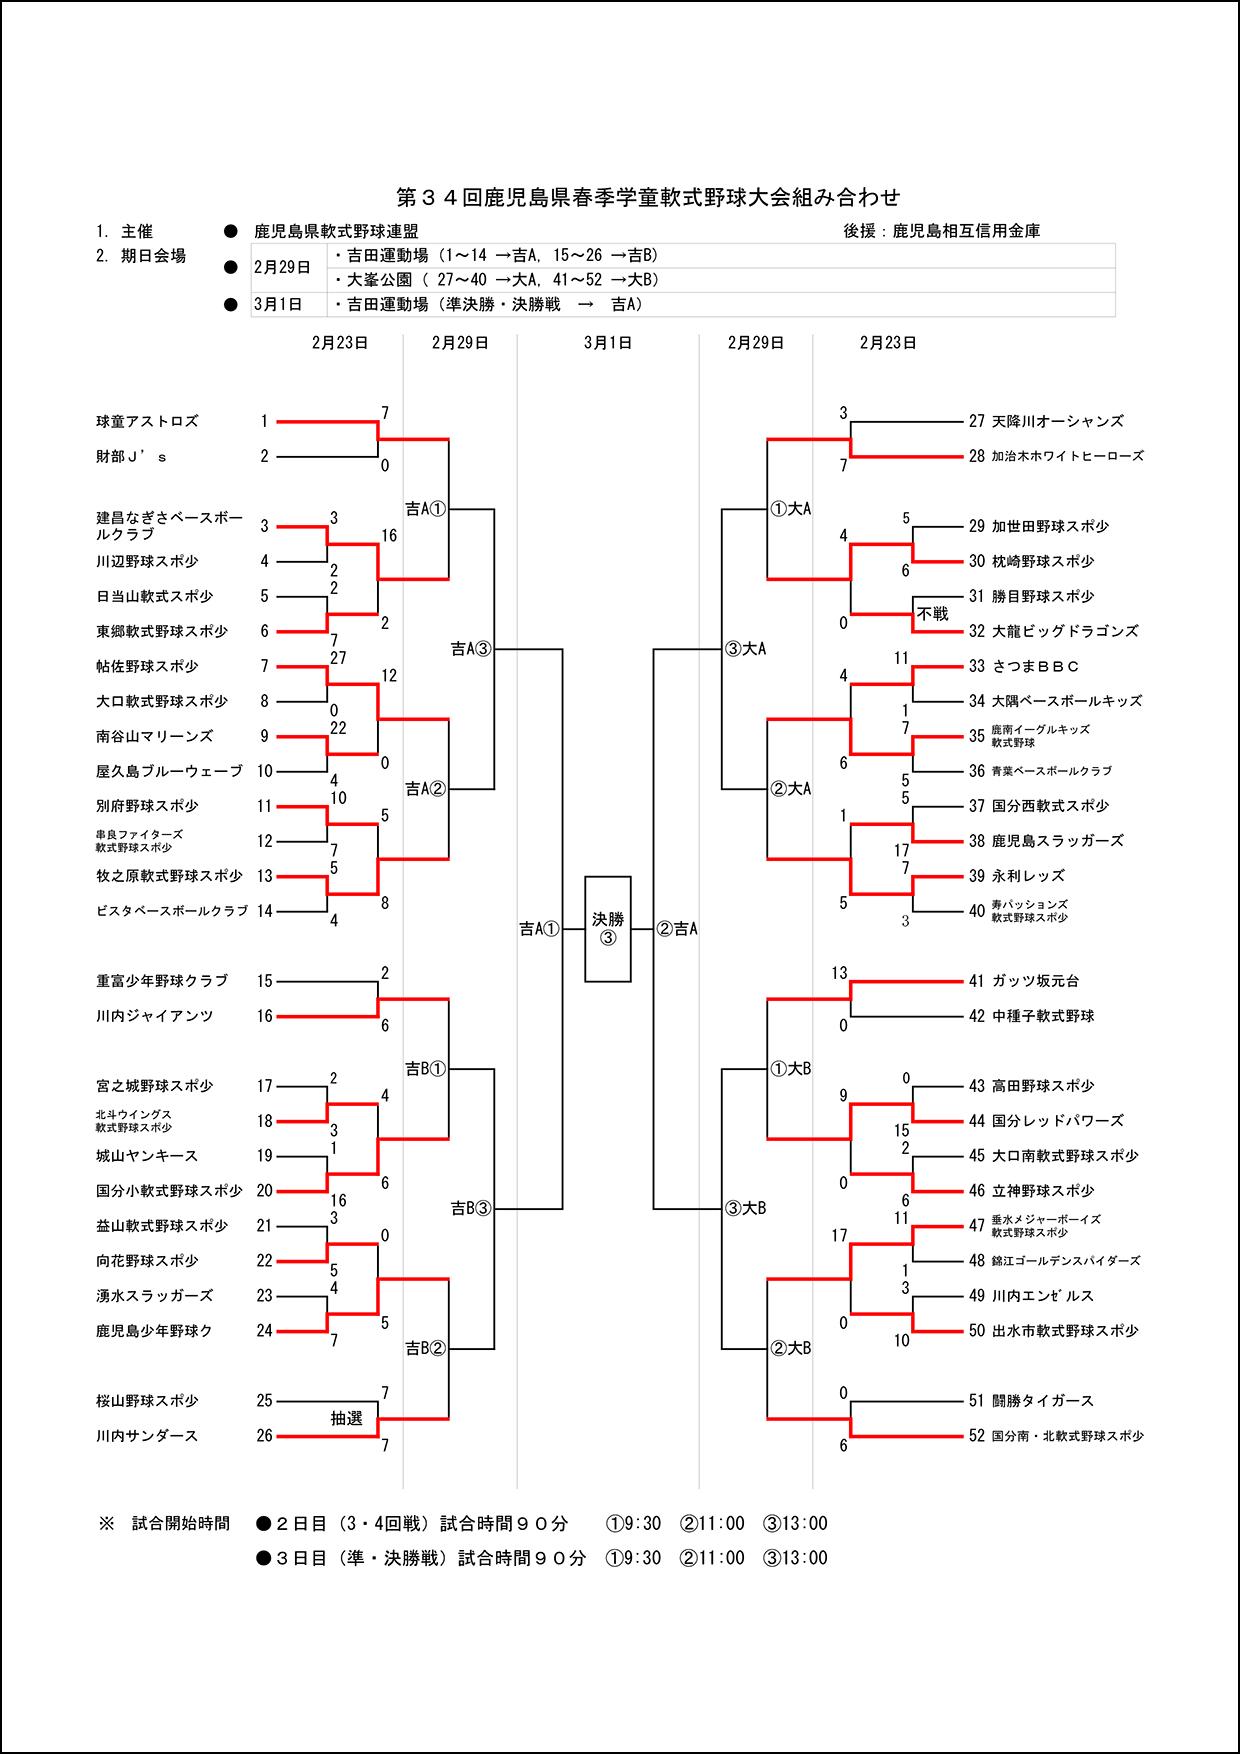 【1日目結果】第34回鹿児島県春季学童軟式野球大会